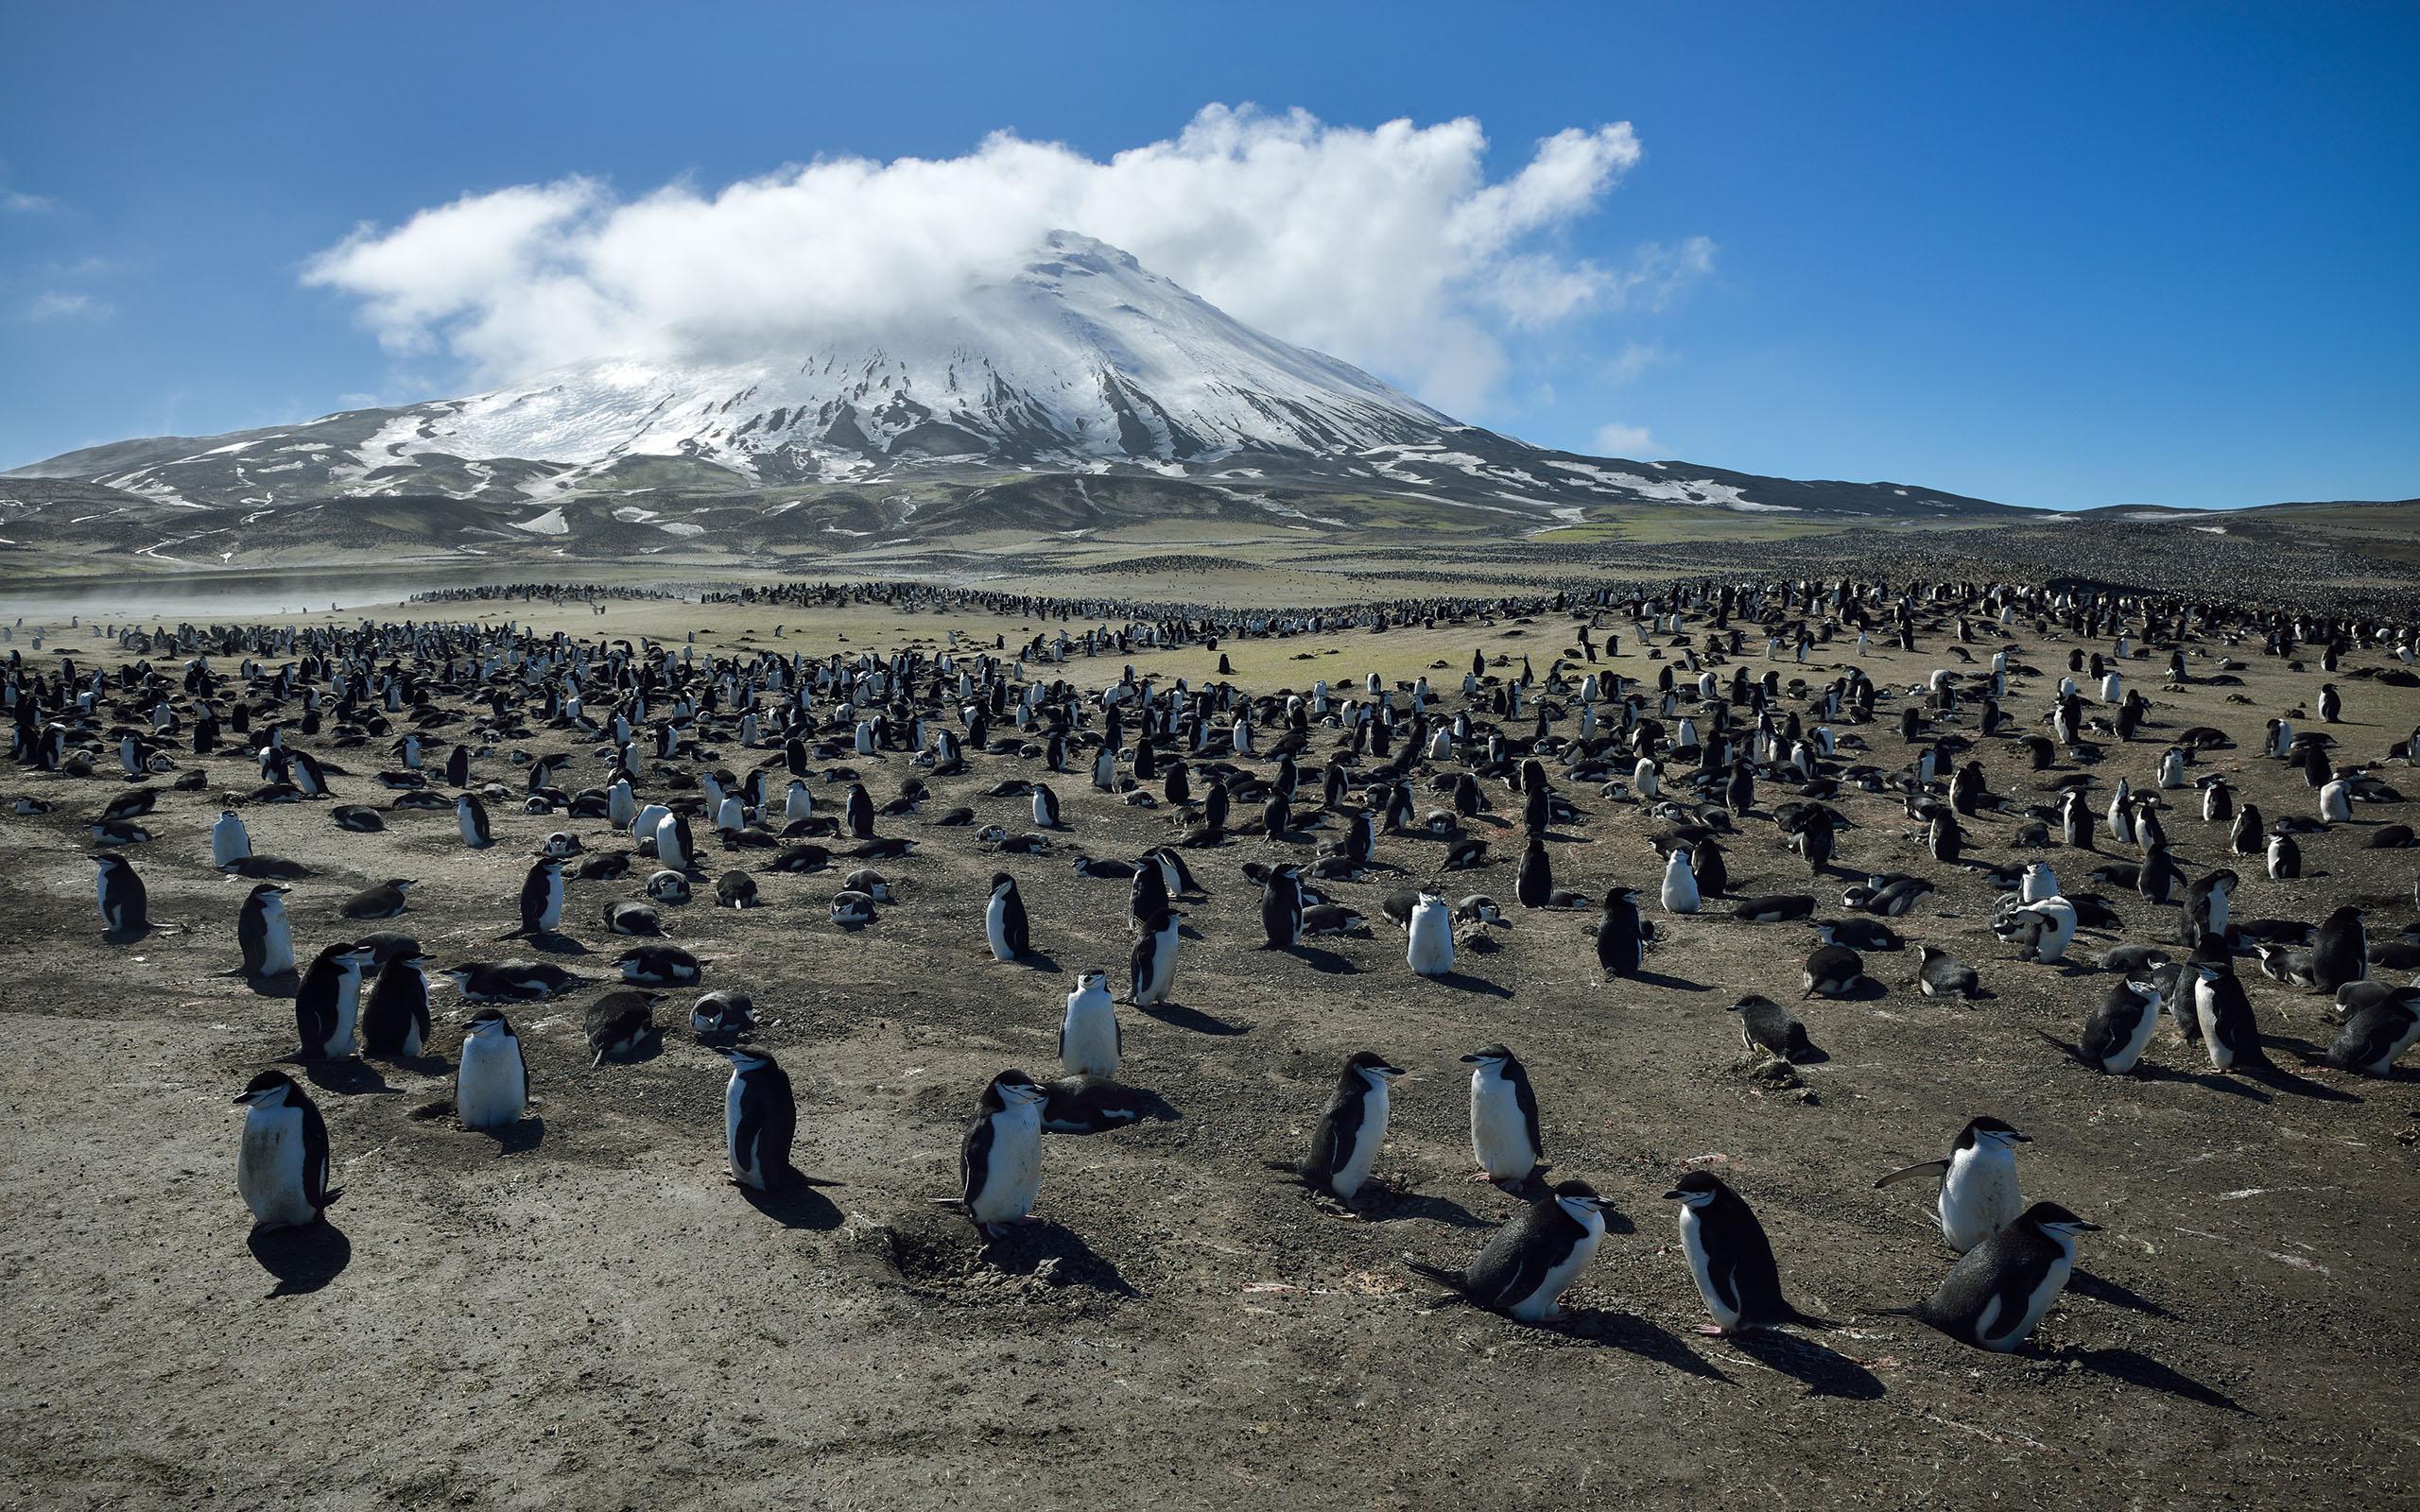 atlantische subantarktische Inseln (Bouvet Insel, südliche Orkneyinseln, südliche Sandwichinseln)